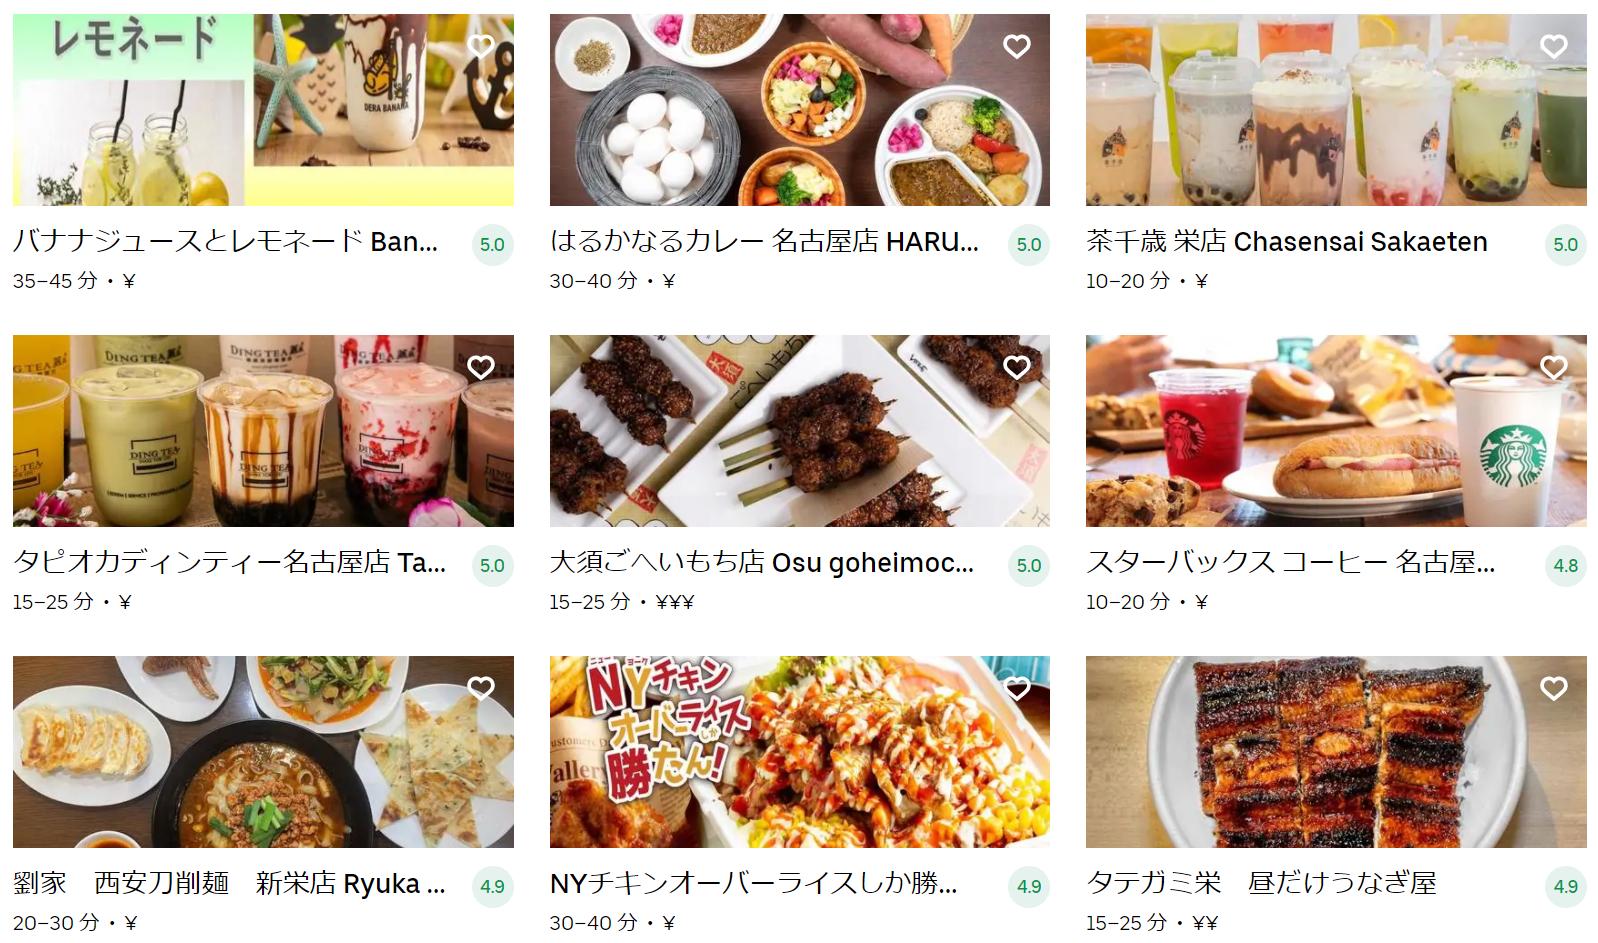 名古屋市中区エリアのおすすめUber Eats(ウーバーイーツ)メニュー